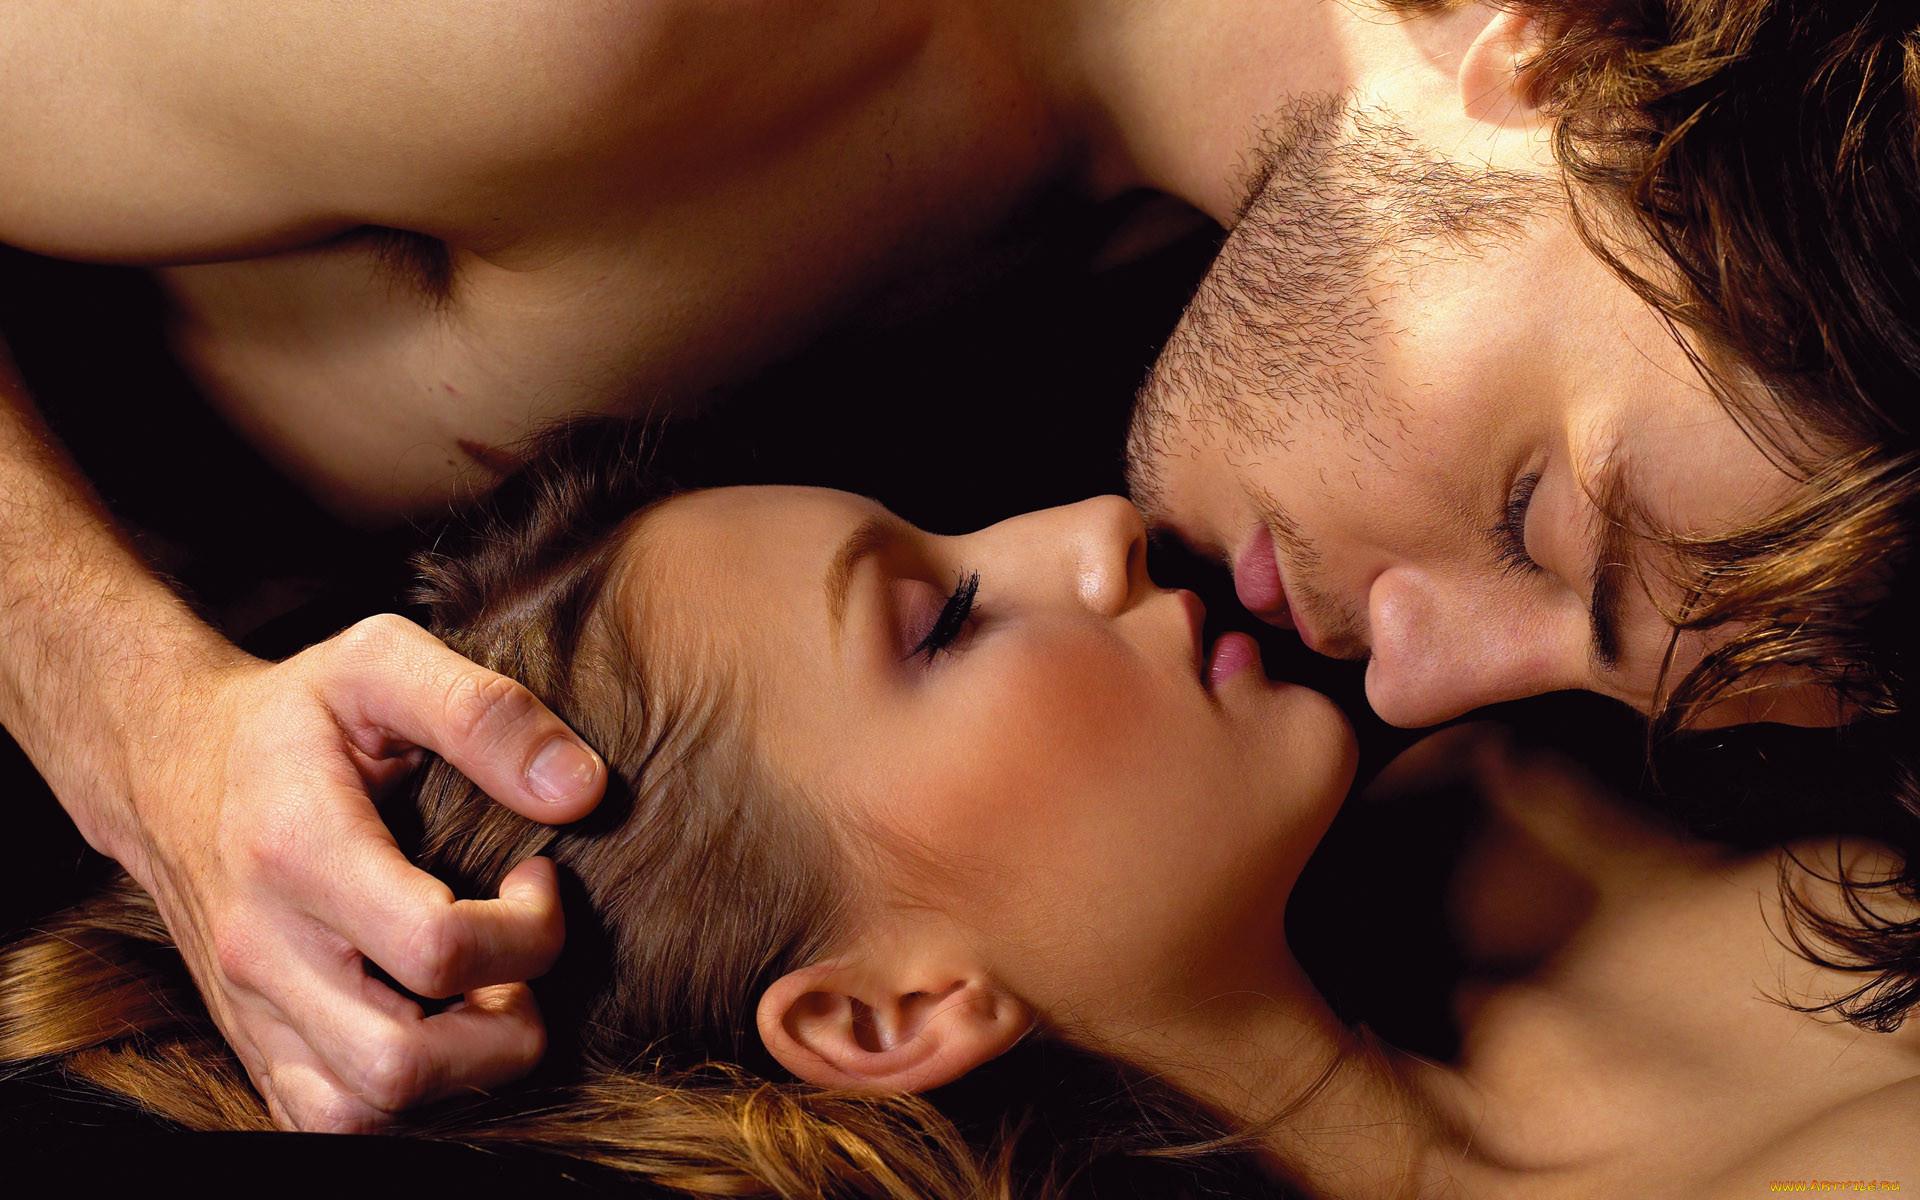 Фото с поцелуями на ночь